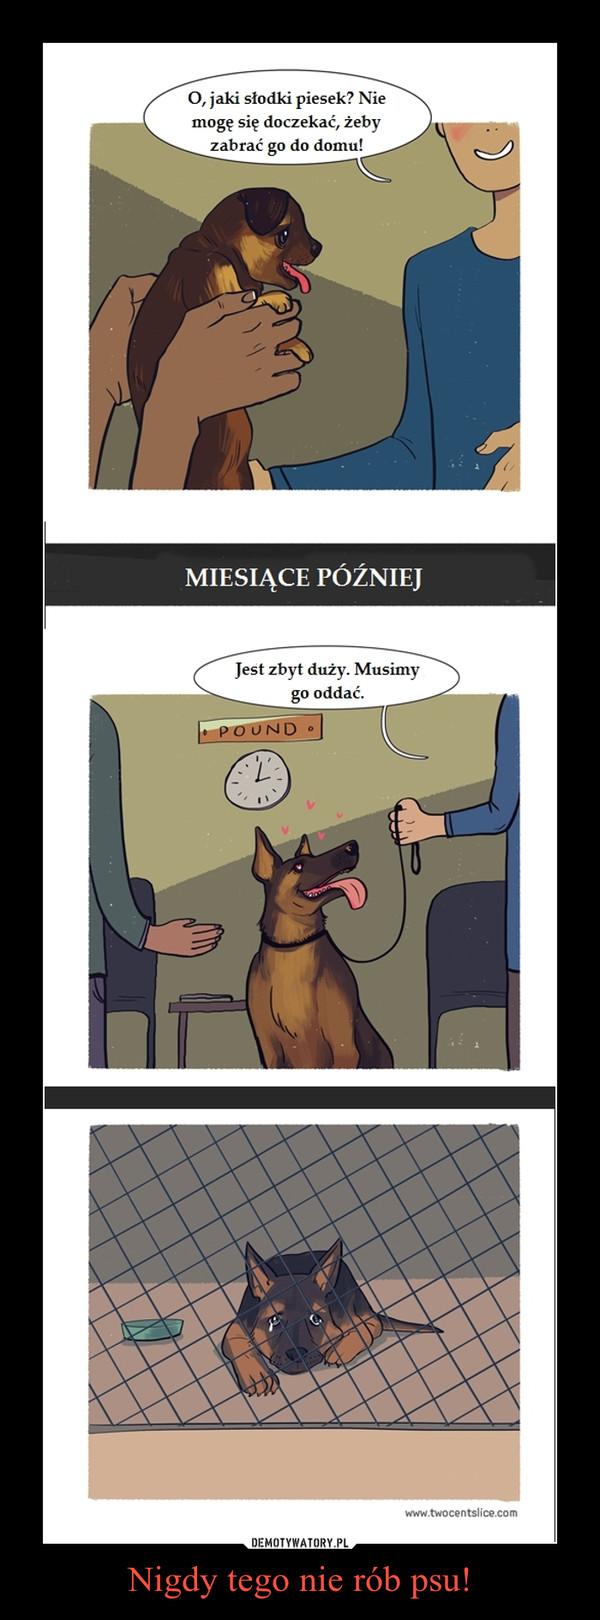 Nigdy tego nie rób psu! –